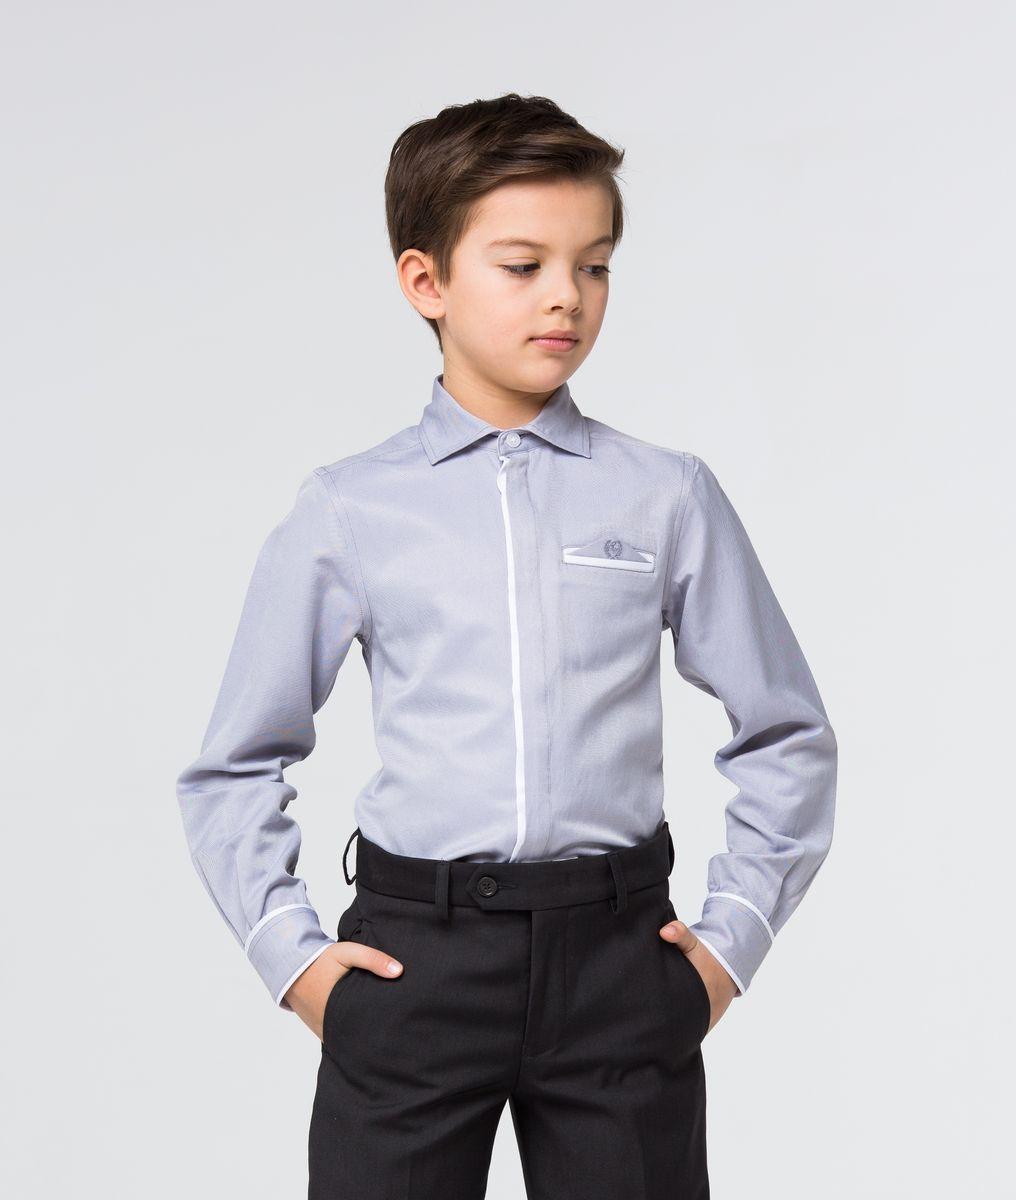 Рубашка для мальчика Silver Spoon, цвет: серый жемчуг. SSFSB-629-13834-803. Размер 164SSFSB-629-13834-803Модная рубашка для мальчика Silver Spoon изготовлена из натурального хлопка с добавлением полиэстера. Рубашка с отложным воротником и длинными рукавами застегивается на пуговицы. На манжетах также имеются застежки-пуговицы. Изделие оформлено на груди прорезным карманом с оригинальной вставкой с вышивкой.